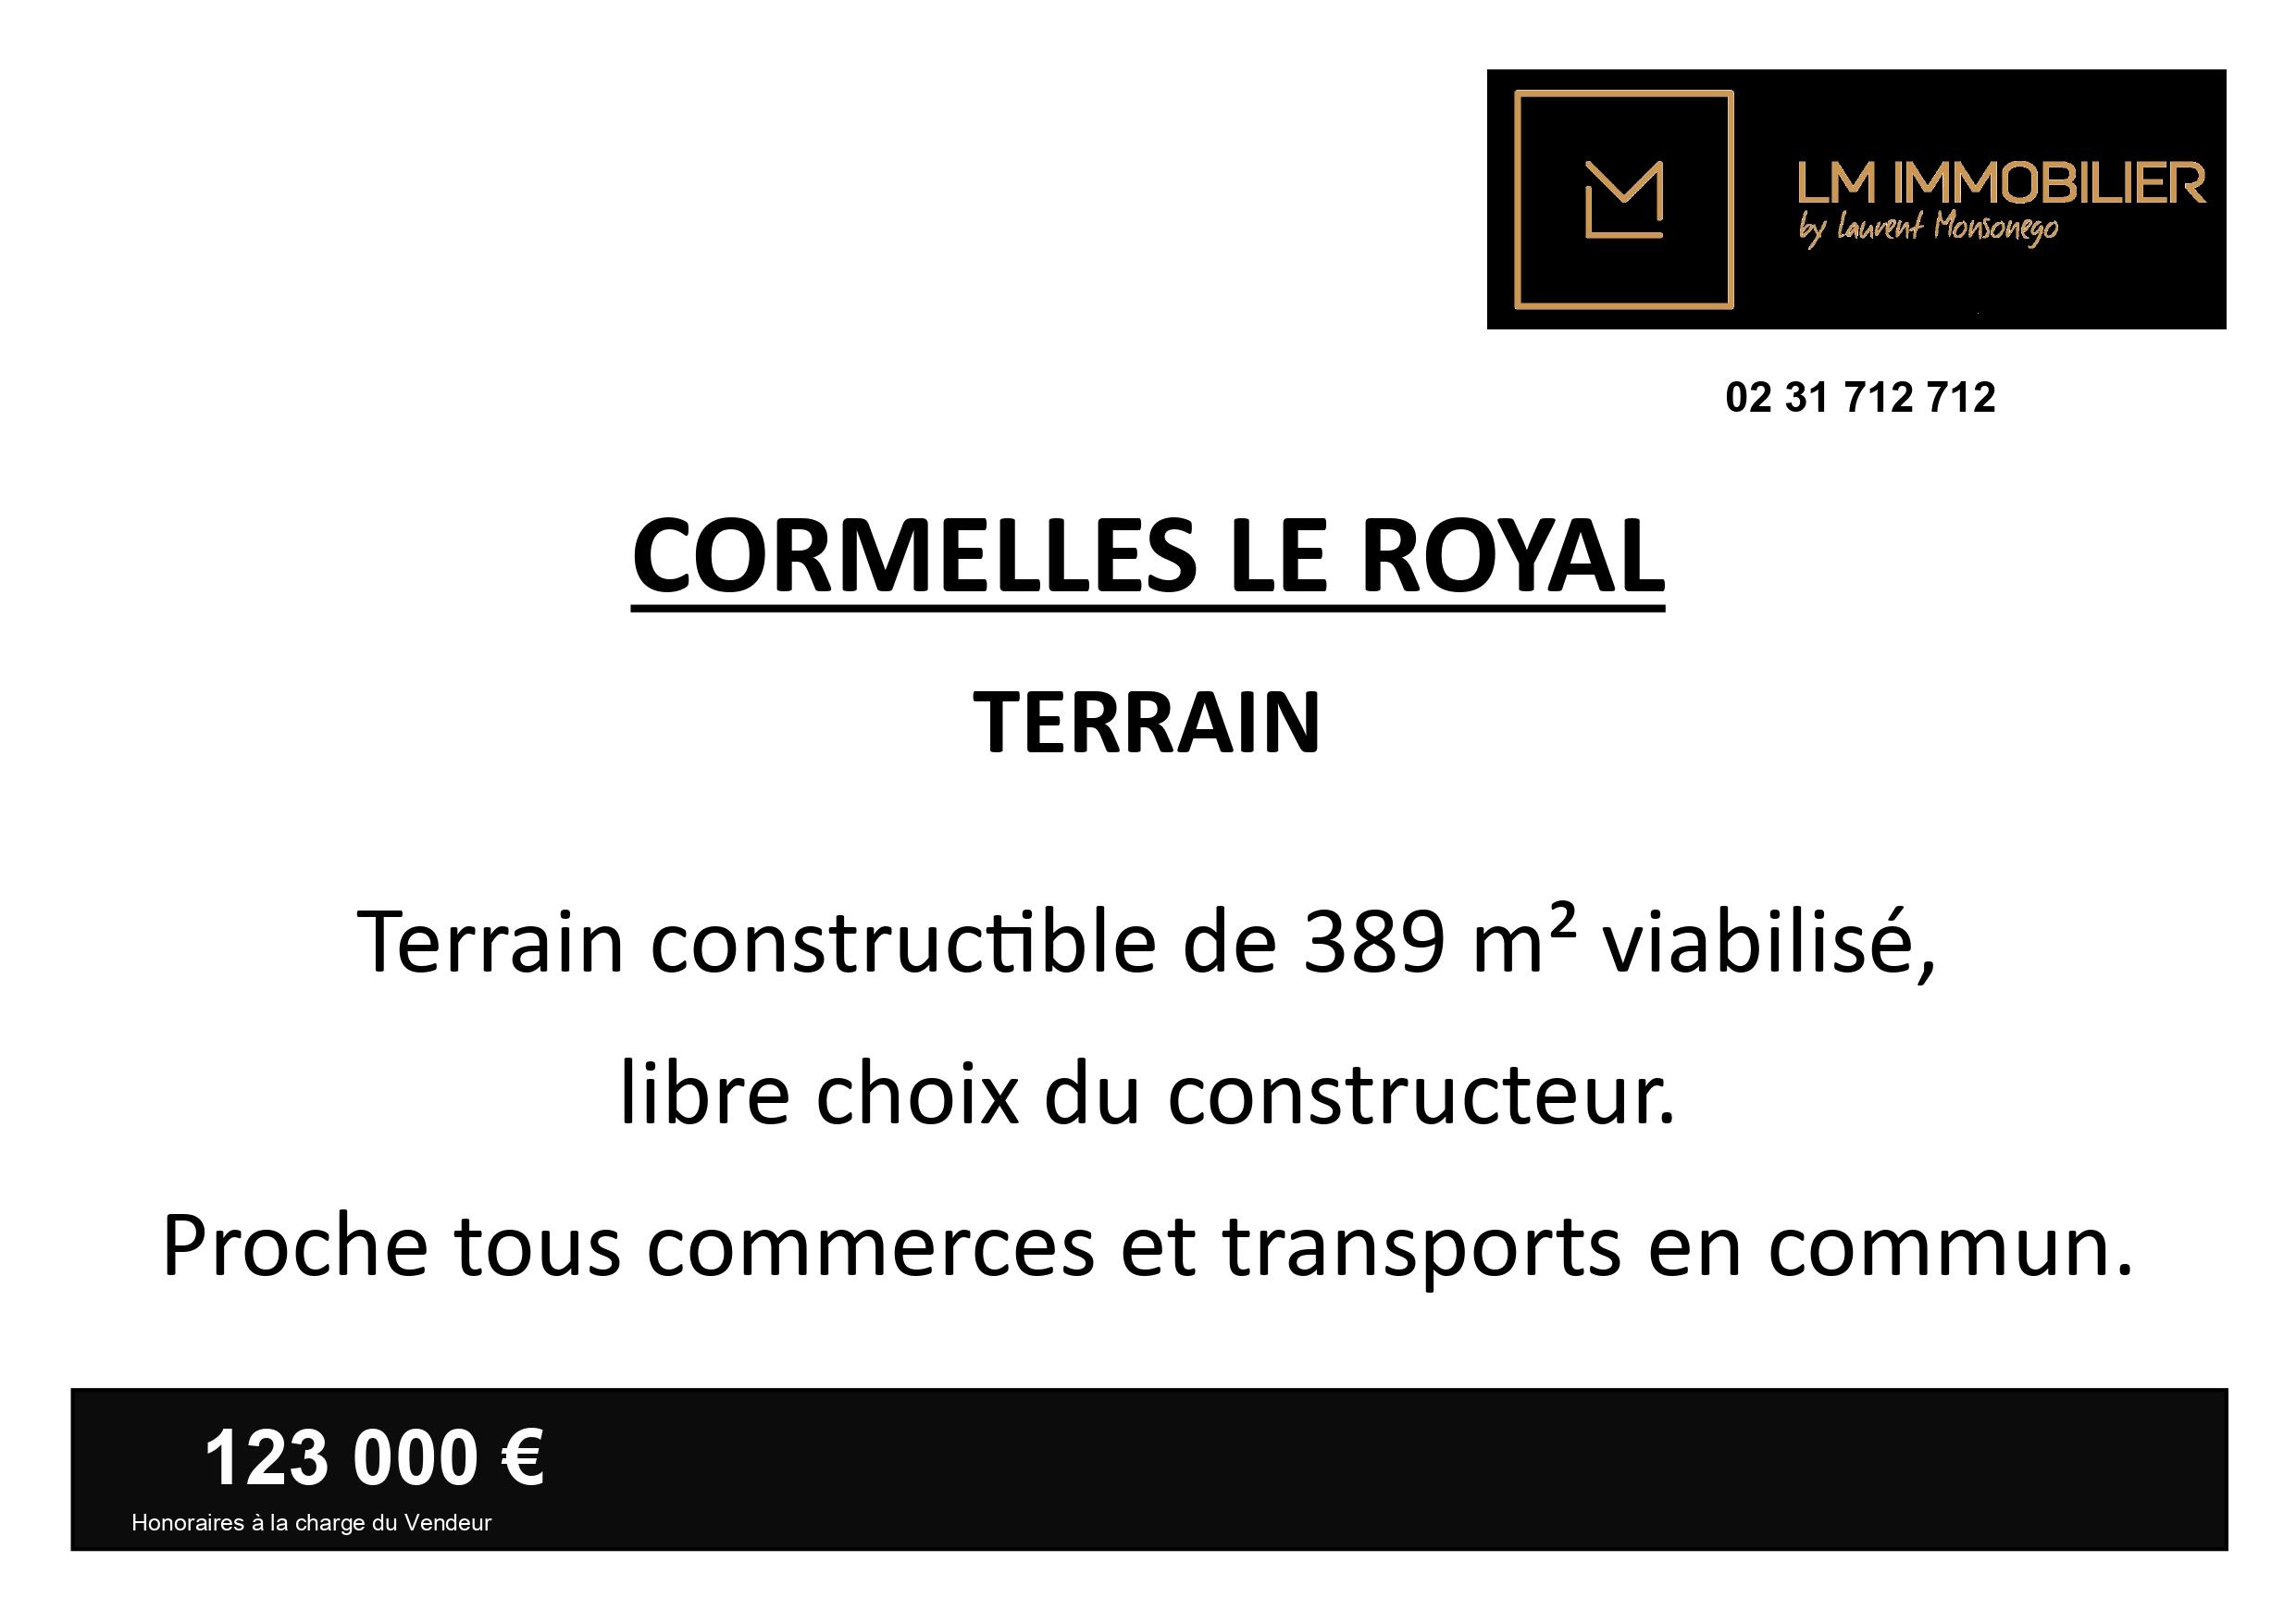 Terrain – 389 m² – Cormelles le Royal